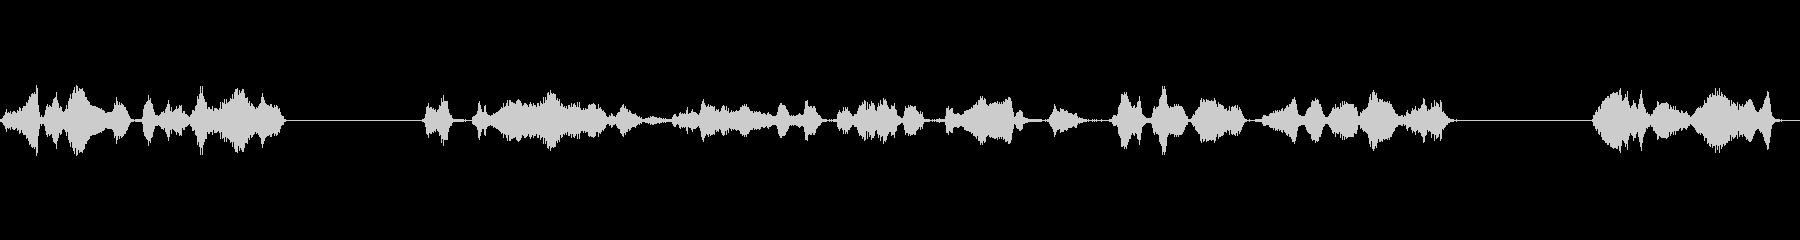 グリーティングアースリング:ラジオ...の未再生の波形